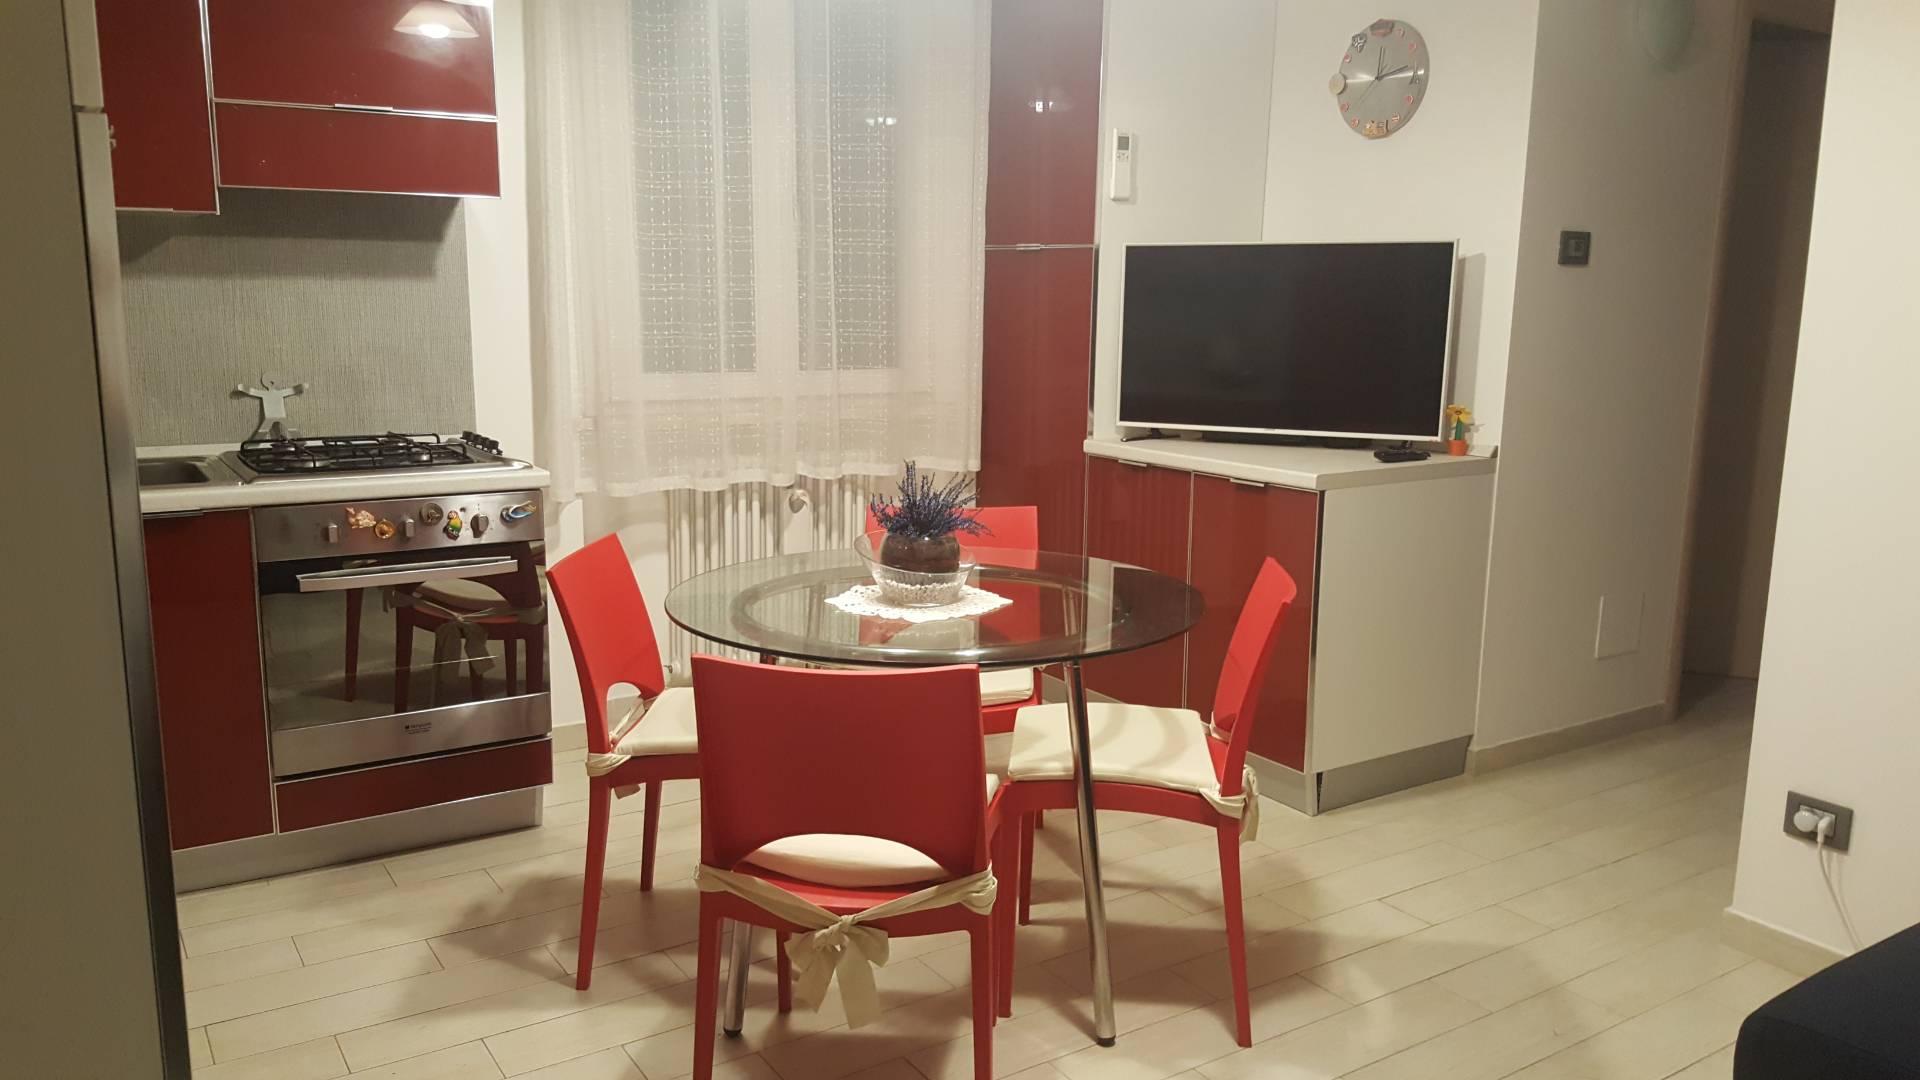 Attico / Mansarda in affitto a Porto Recanati, 3 locali, zona Località: QuartiereCentro-Castelnuovo-SanMarino, prezzo € 480 | Cambio Casa.it